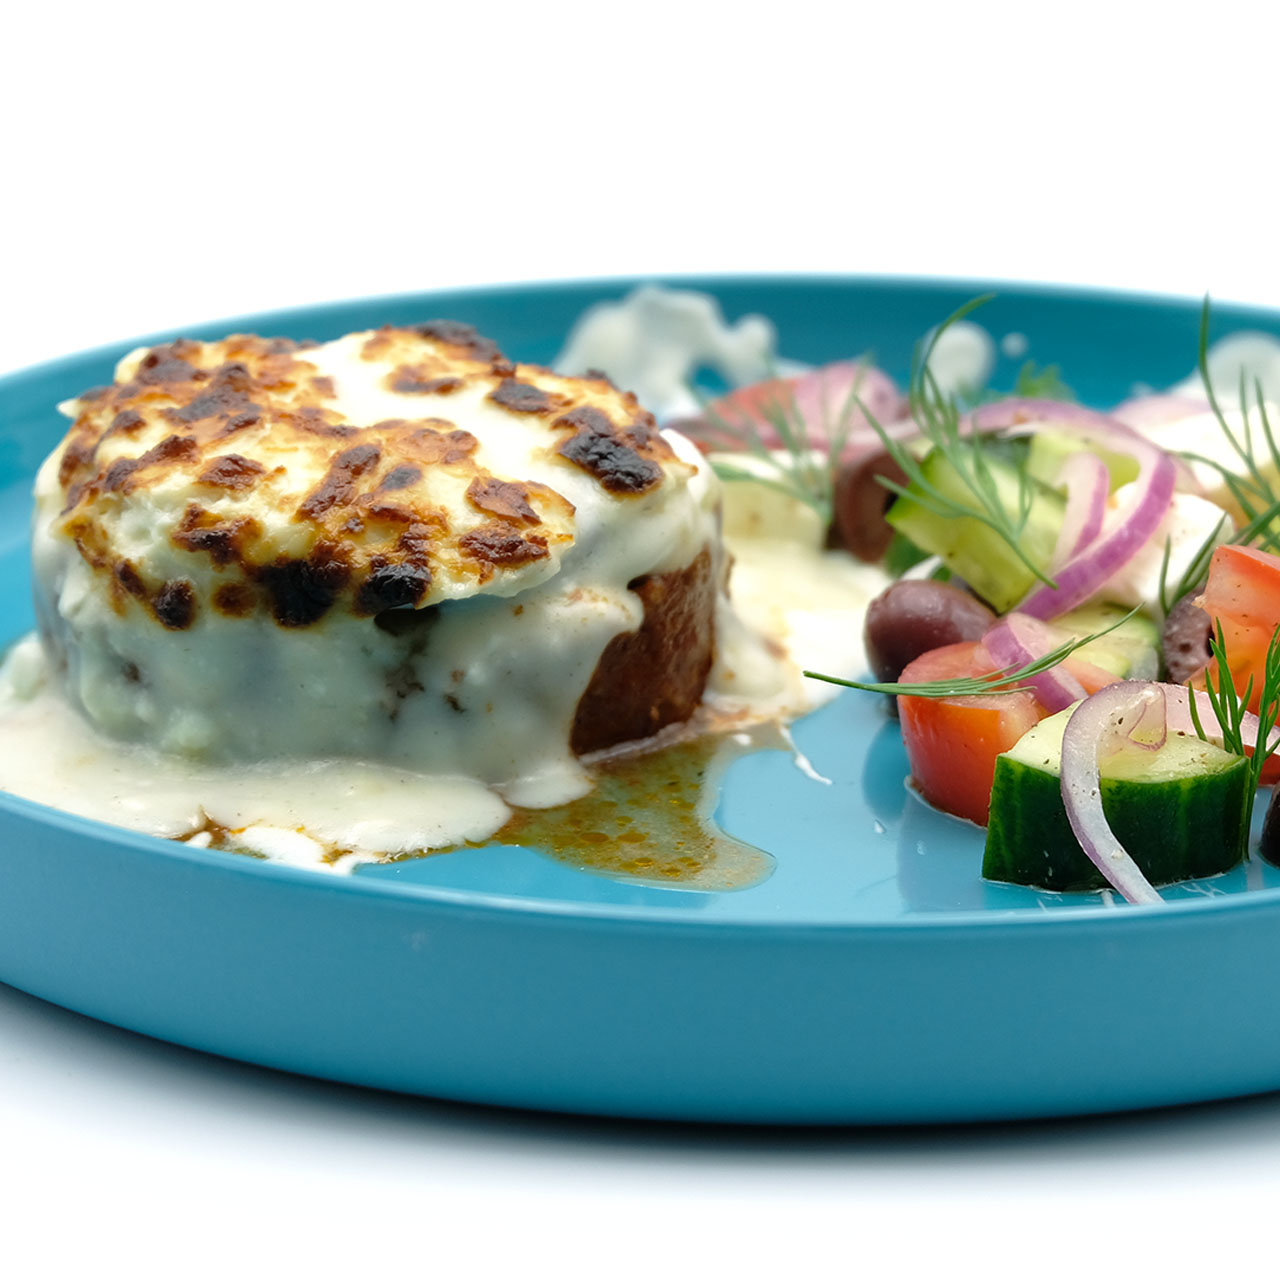 Rezept für Moussaka und griechischer Salat Popdish Foodblog, Gerichte, die knallen,